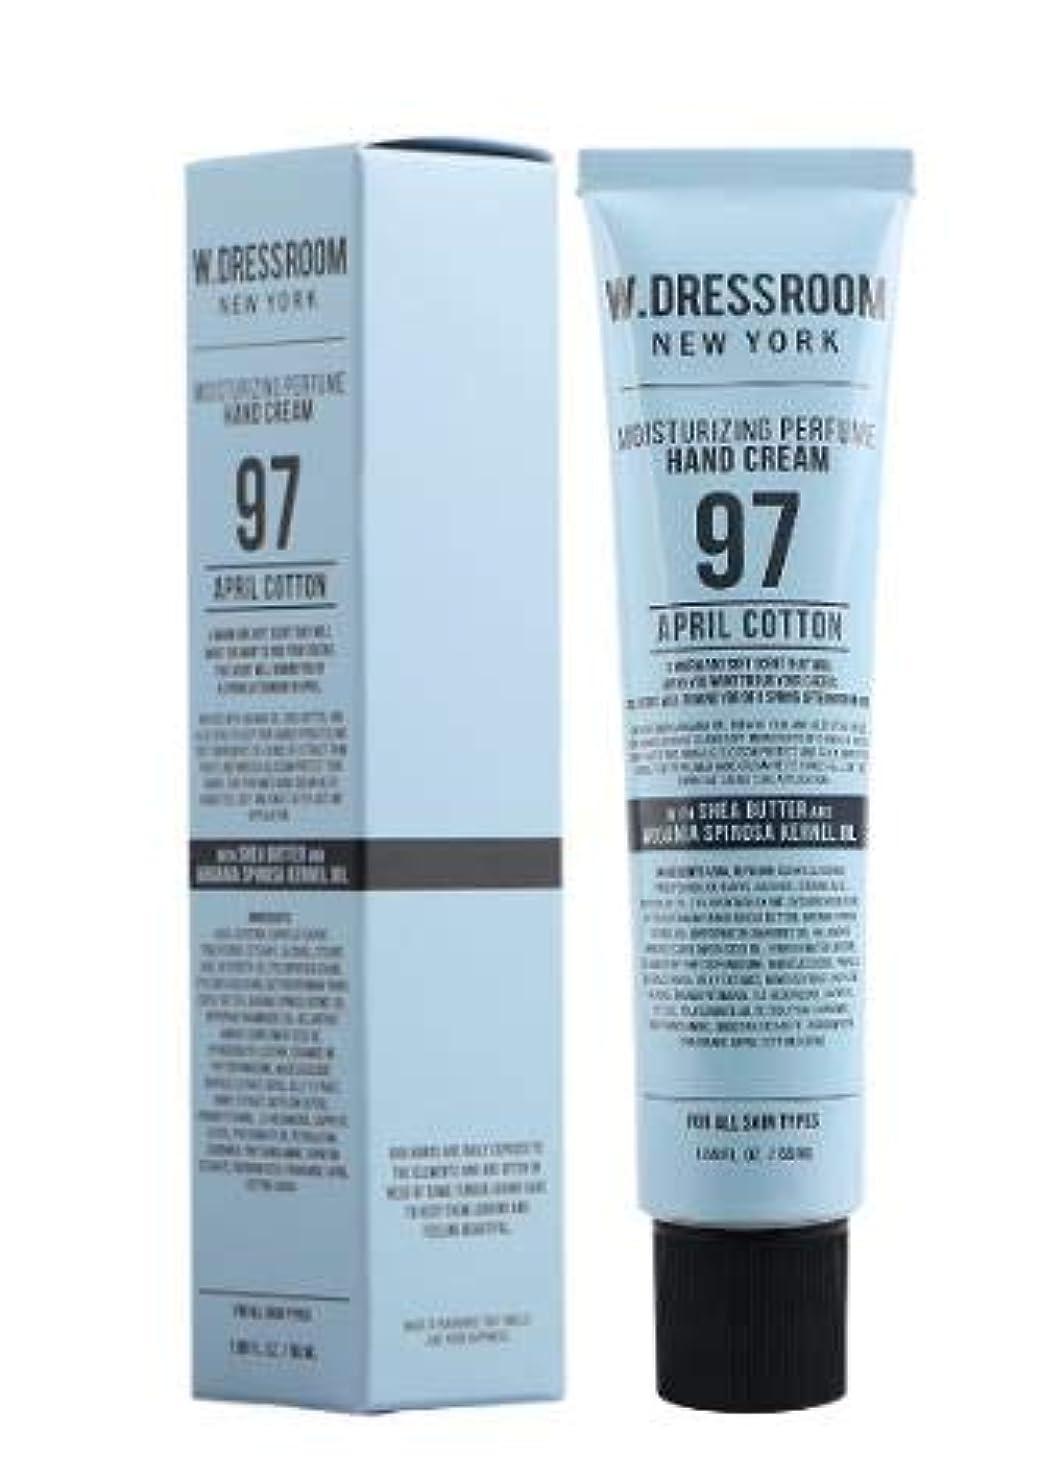 詩矛盾するのど[Renewal] W.DRESSROOM Perfume Hand Cream (NO.97 APRIL COTTON) /パフューム ハンドクリーム [並行輸入品]